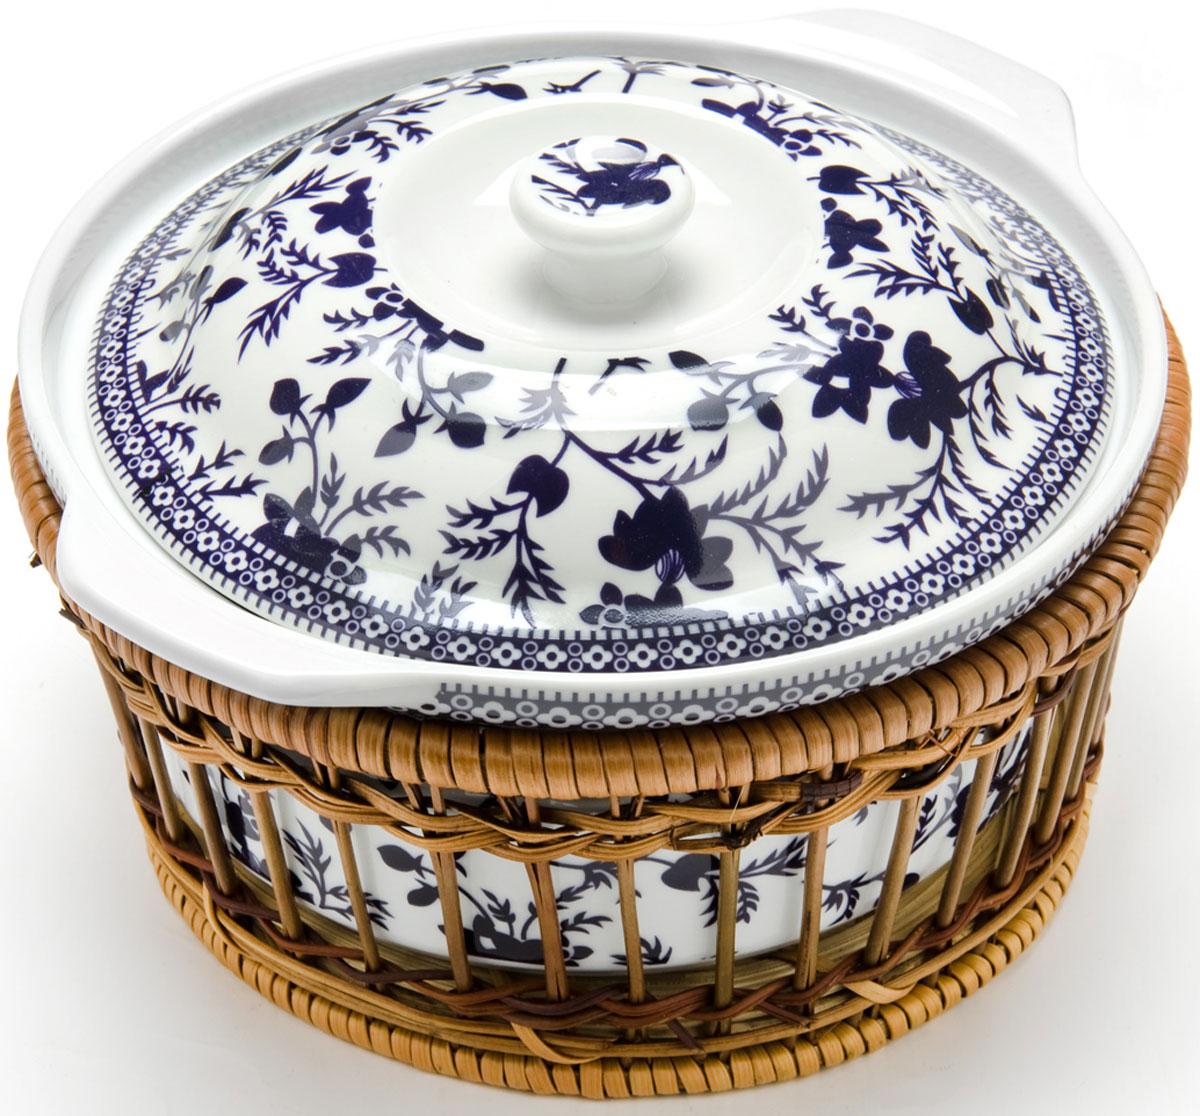 Кастрюля Mayer & Boch, 2,5 л. 2479424794Кастрюля для запекания Mayer & Boch выполнена из высококачественного фарфора белого цвета и оформлена красочным изображением цветов. Кастрюля оснащена удобными ручками и крышкой. Плетеная корзина, в которую вставляется кастрюля, послужит красивой и оригинальной подставкой. Фарфоровая посуда выдерживает высокие перепады температуры, поэтому ее можно использовать в духовке, микроволновой печи, а также для хранения пищи в холодильнике. Можно мыть в посудомоечной машине. Кастрюля Mayer & Boch прекрасно подойдет для запекания овощей, мяса и других блюд, а оригинальный дизайн и яркое оформление украсят ваш стол. Диаметр: 23 см. Объем кастрюли: 25,5 л.